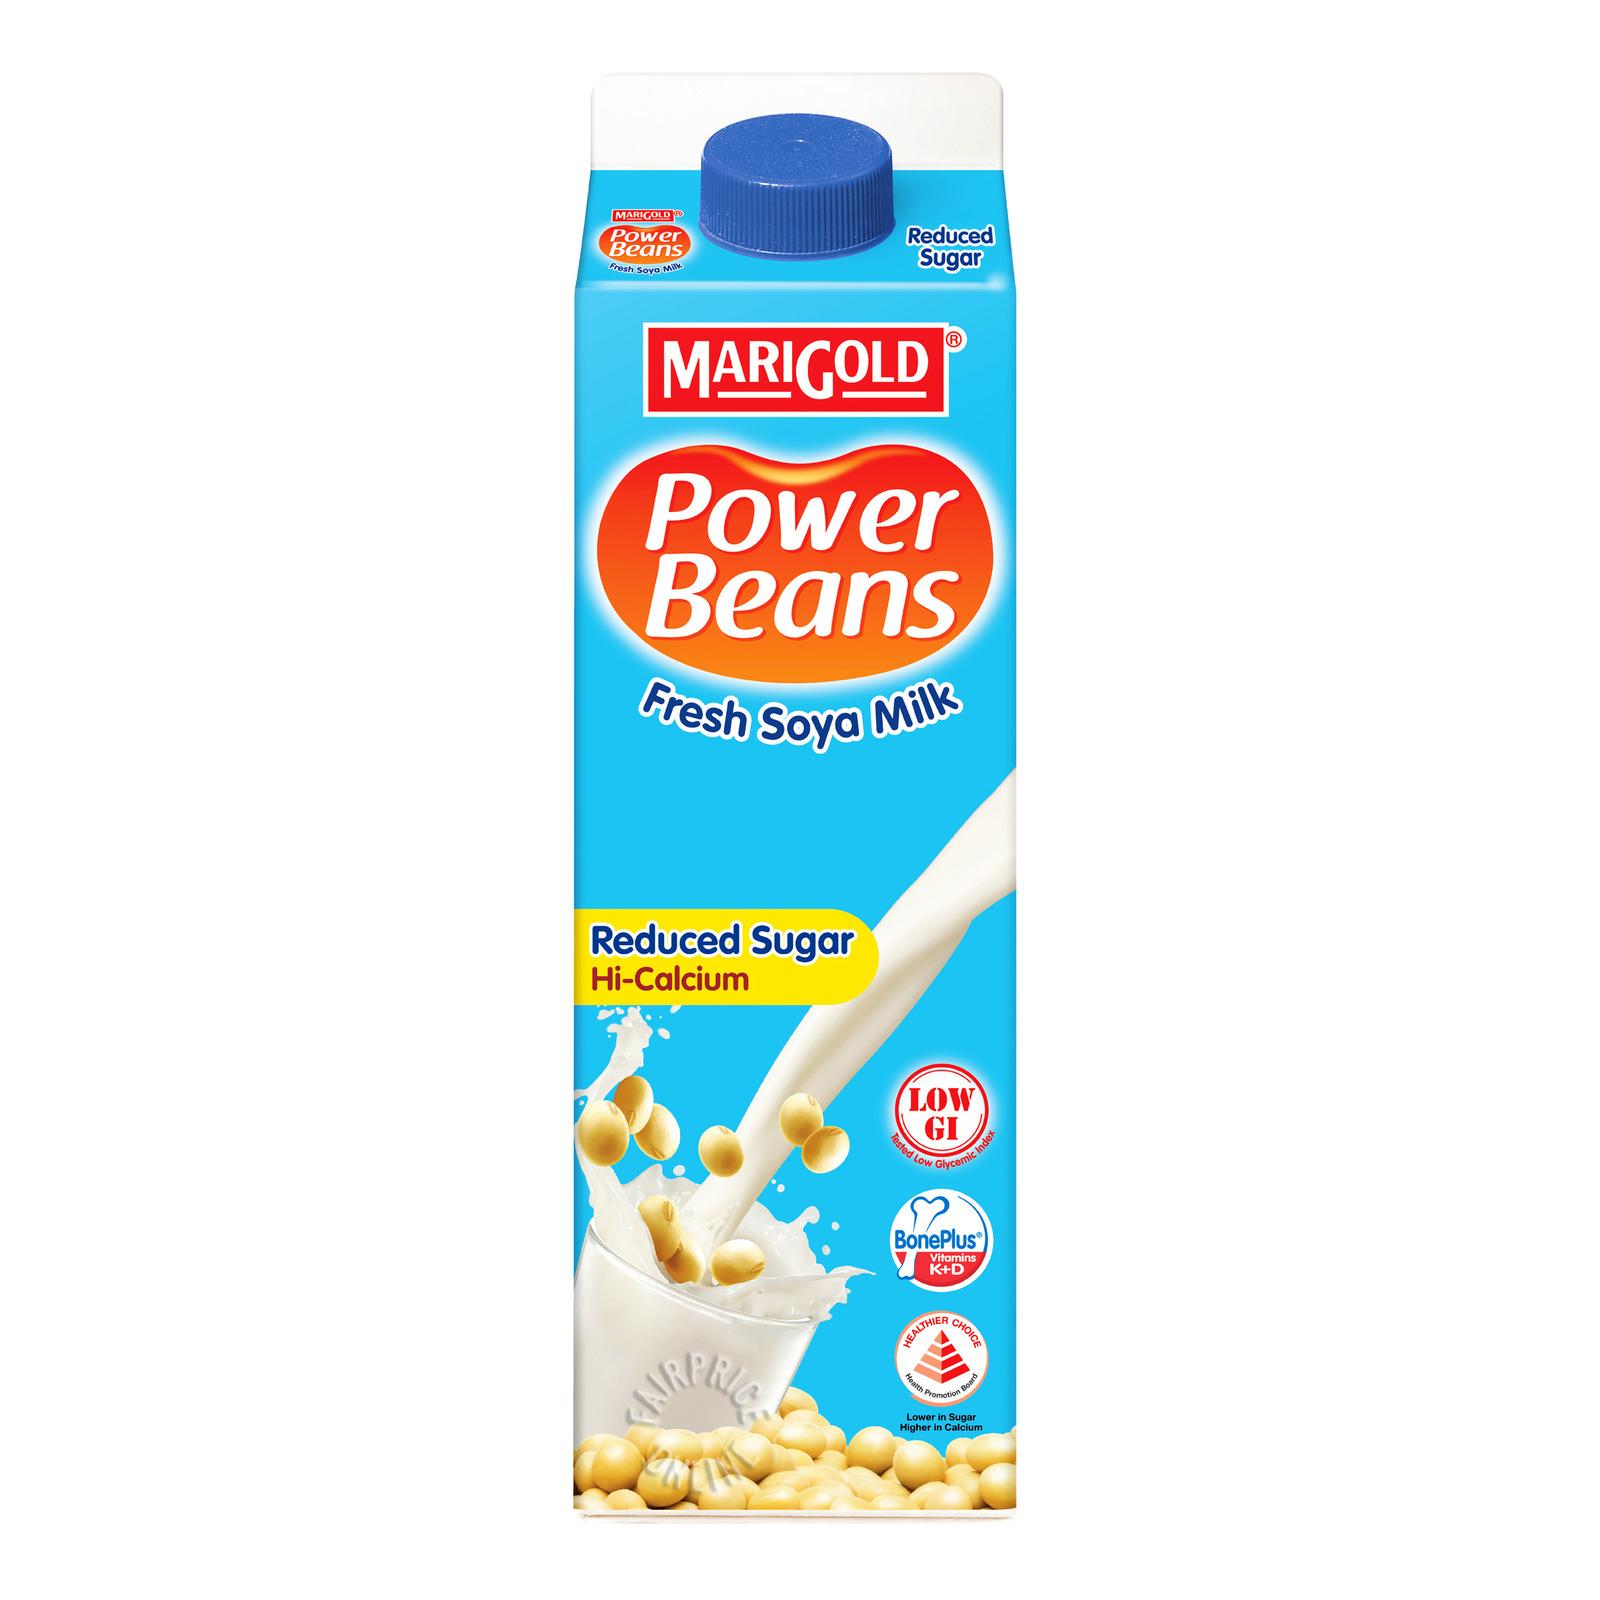 Marigold Power Beans Fresh Soya Milk - Reduced Sugar